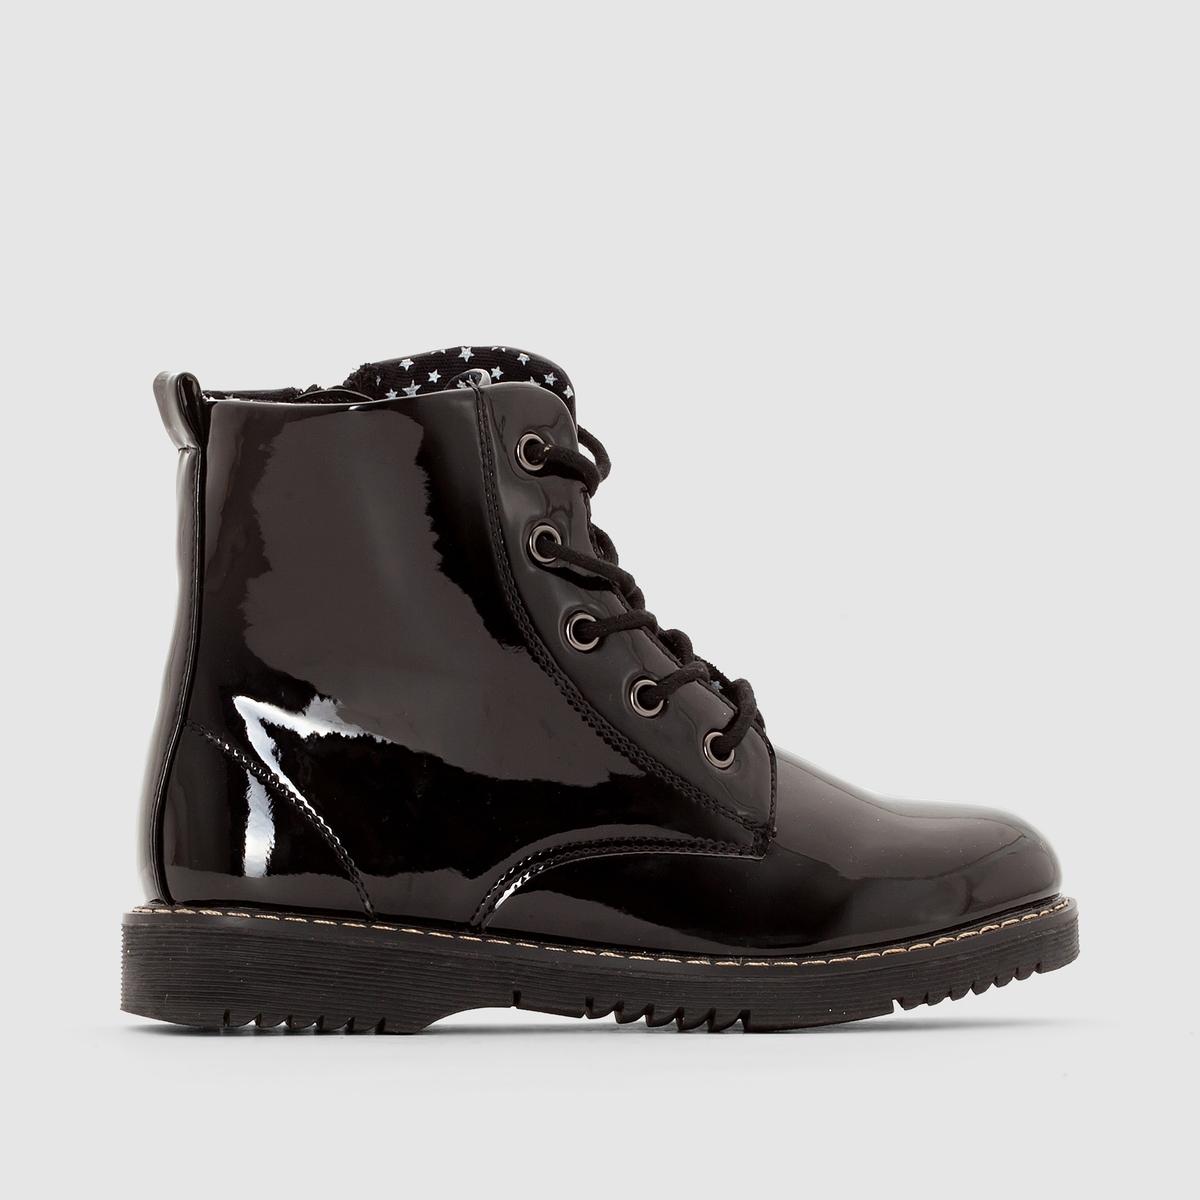 Ботинки лакированные на шнуровке.